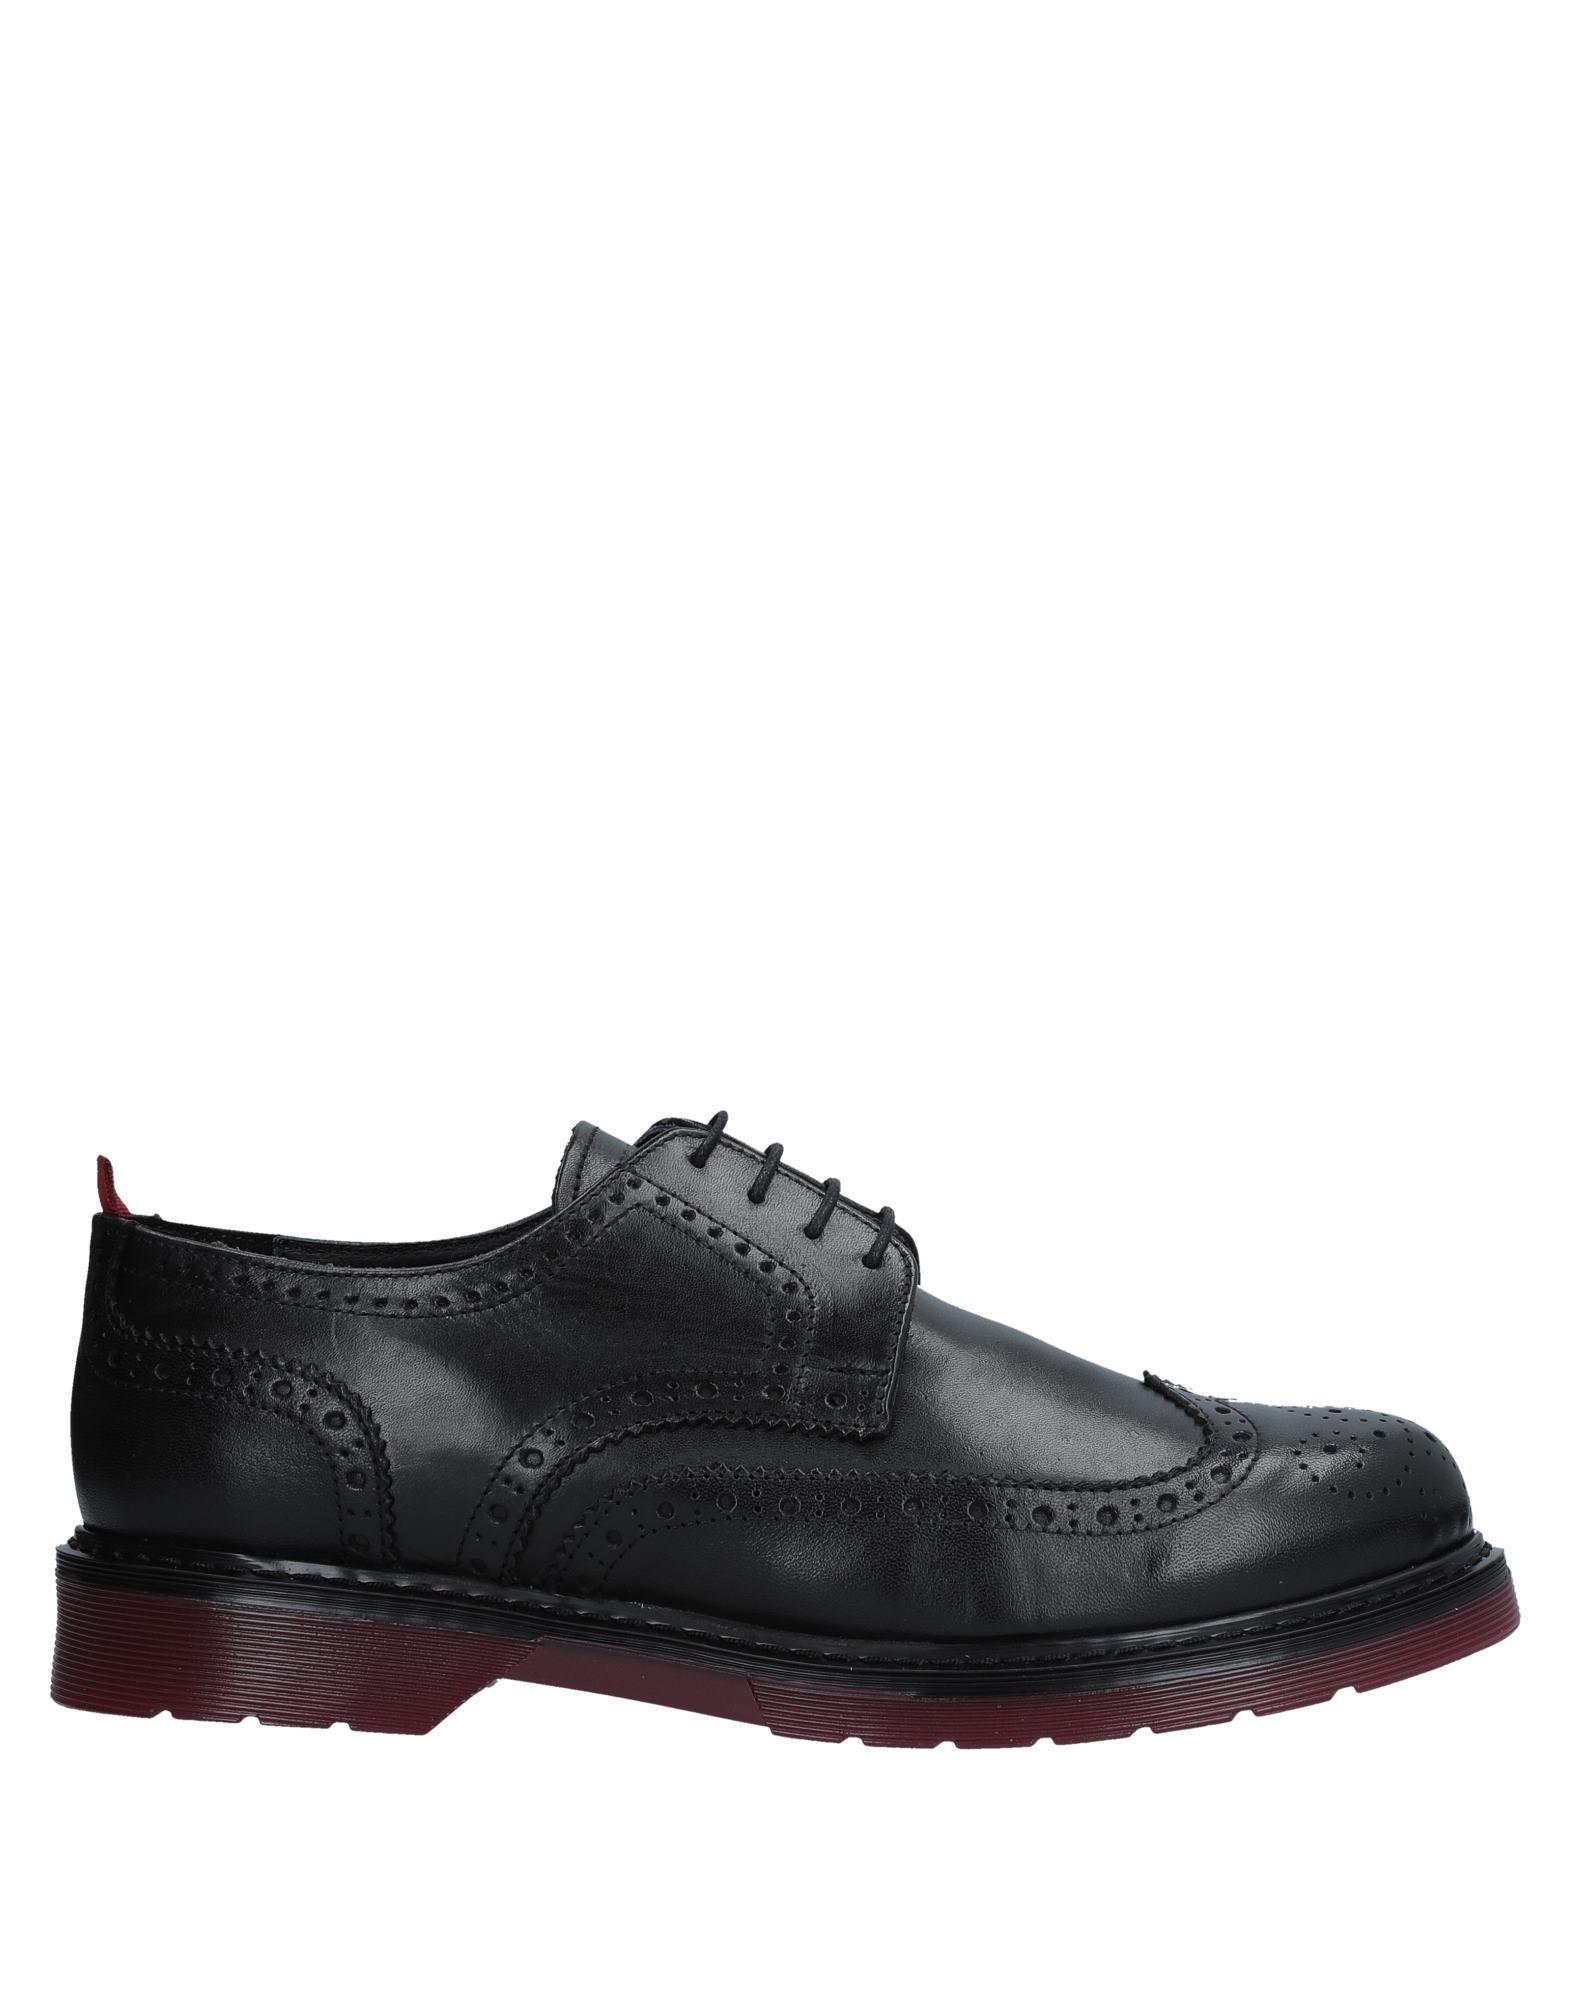 Фото - BOTTEGA MARCHIGIANA Обувь на шнурках обувь на высокой платформе dkny